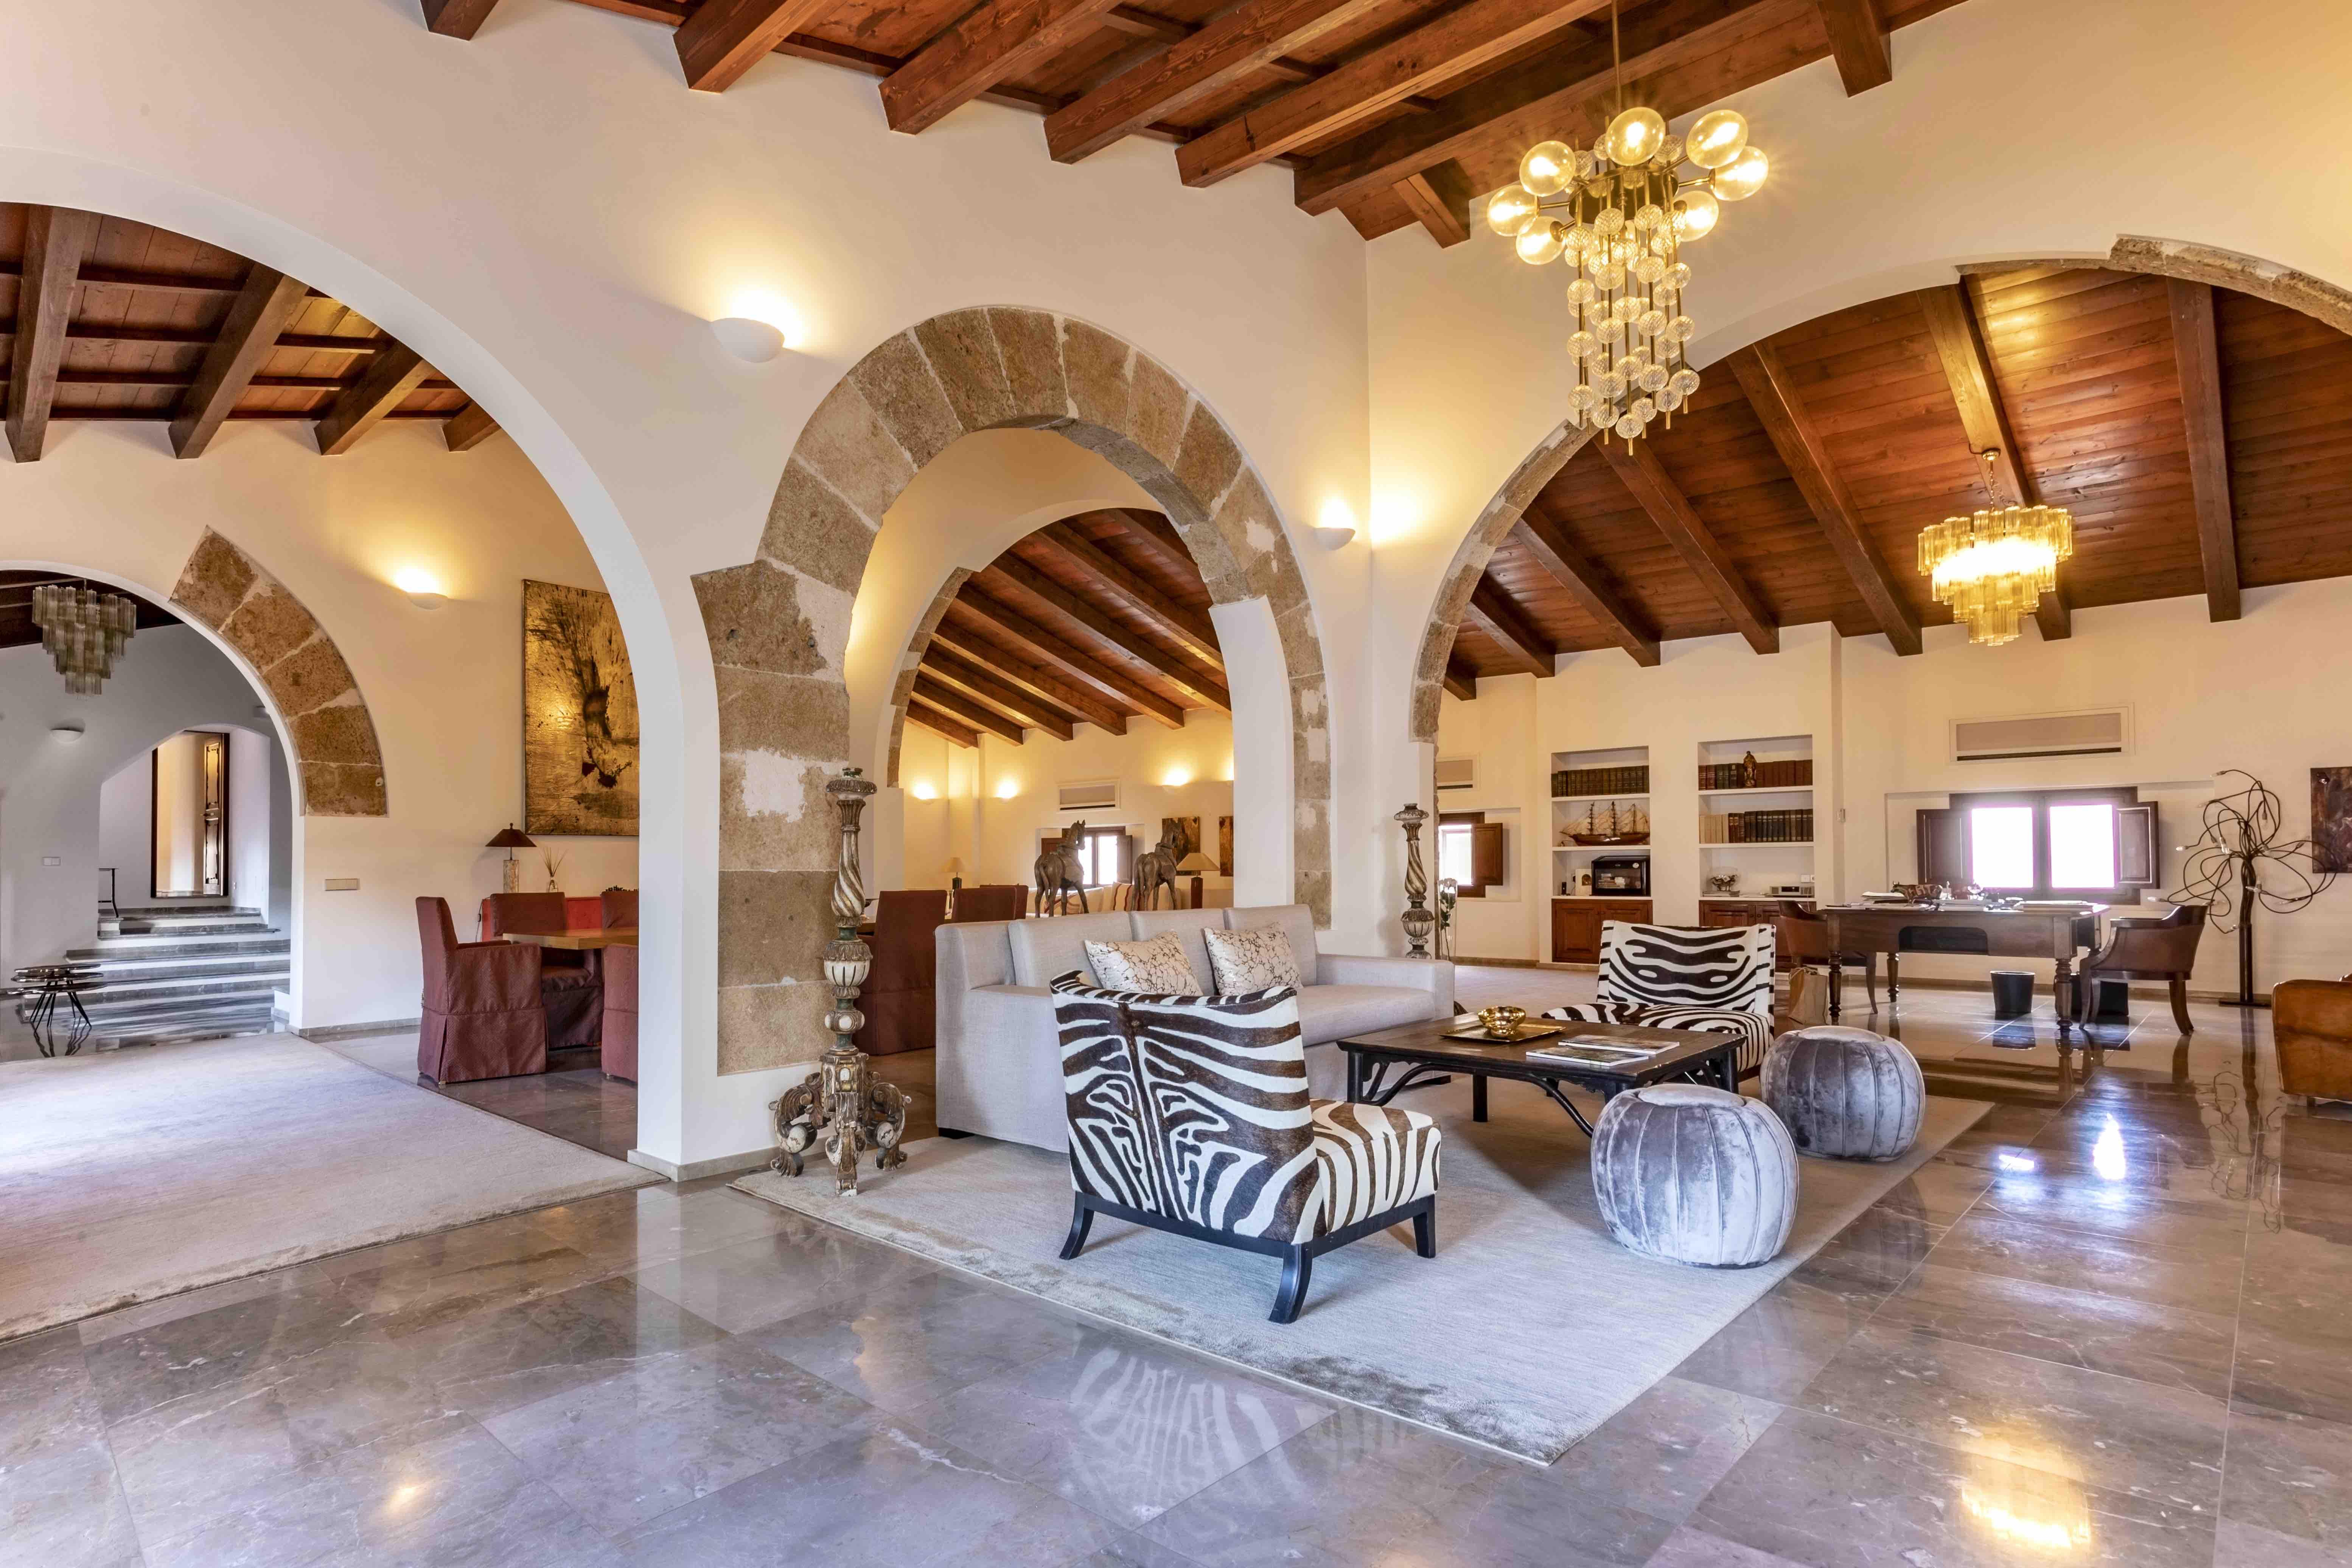 Palacio Can Marques in Palma de Mallorca